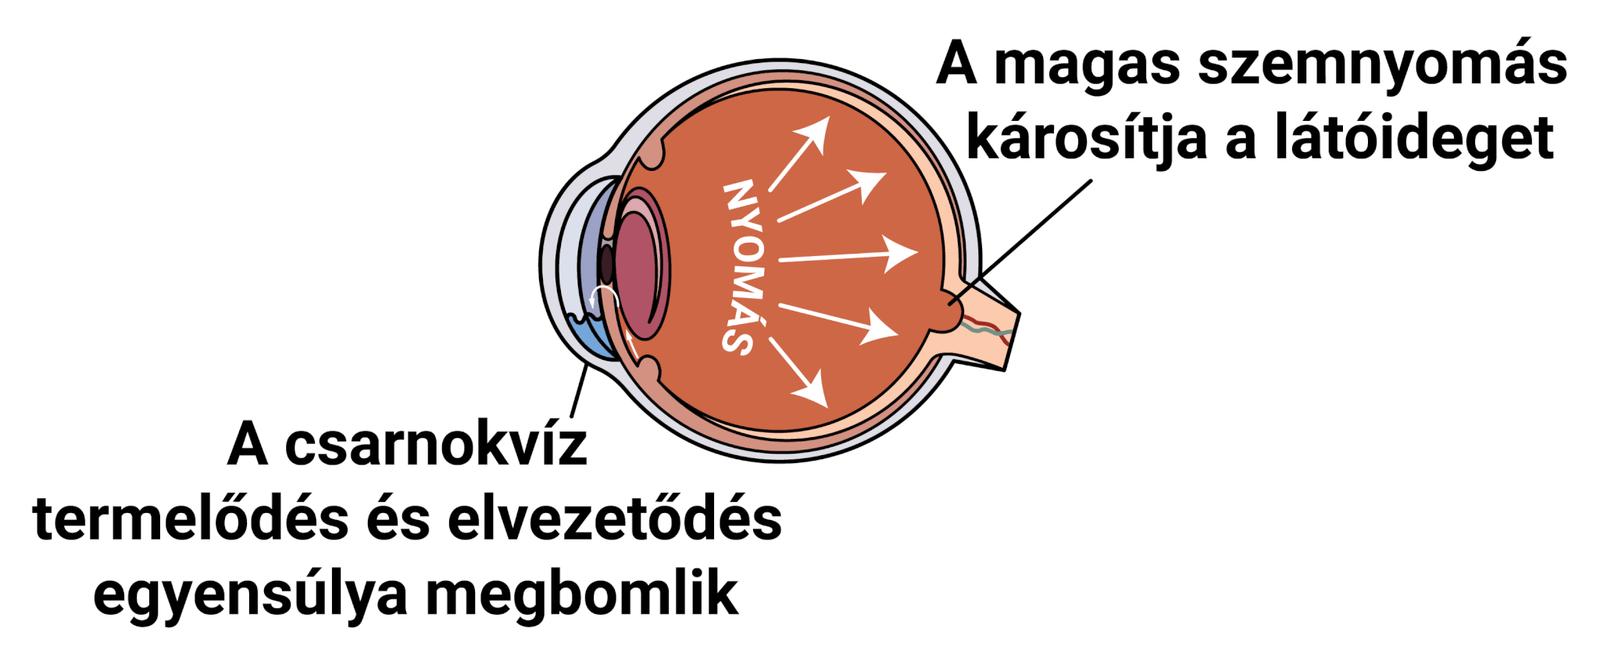 magas vérnyomás és glaukóma magas vérnyomás II